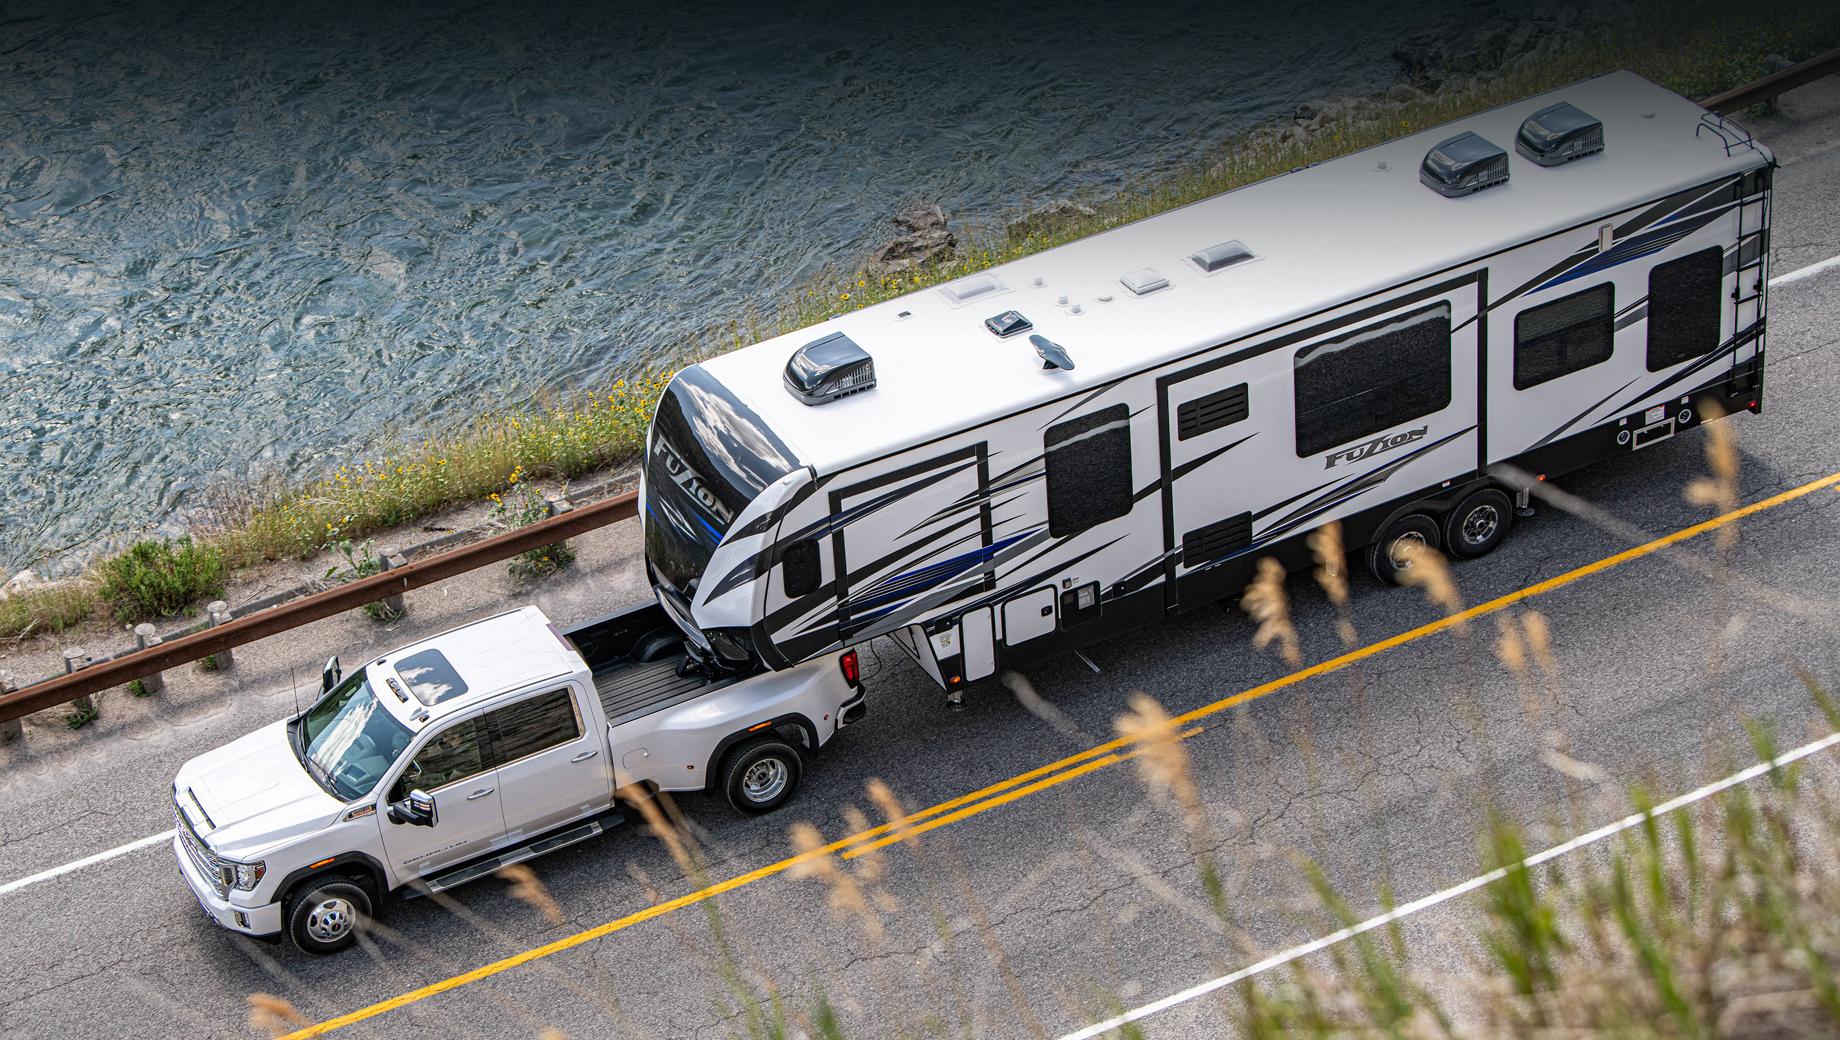 Gmc sierra,Gmc sierra hd. Семейство Sierra/Sierra HD насчитывает более ста модификаций (учитывая все комбинации кабин, платформ, трансмиссий и уровней комплектации) с восемью двигателями — от турбочетвёрки 2.7 (314 л.с., 472 Н•м) до дизеля V8 6.6 Duramax (451 л.с., 1234 Н•м). Масса прицепа может доходить до 14 406 кг.